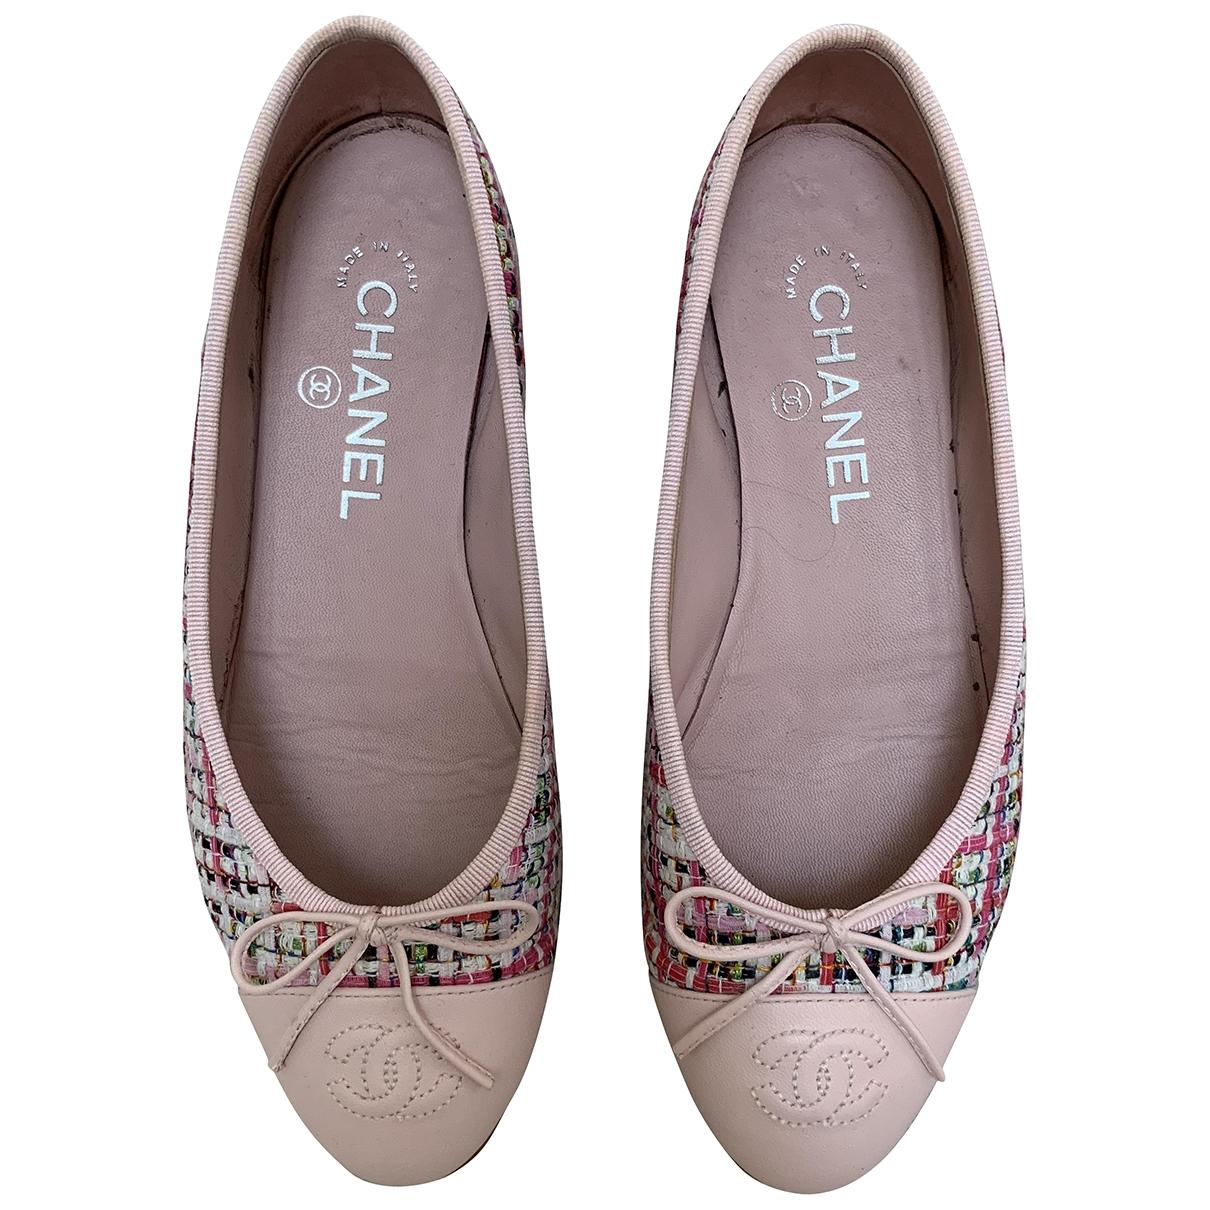 Bailarinas Tweed Chanel